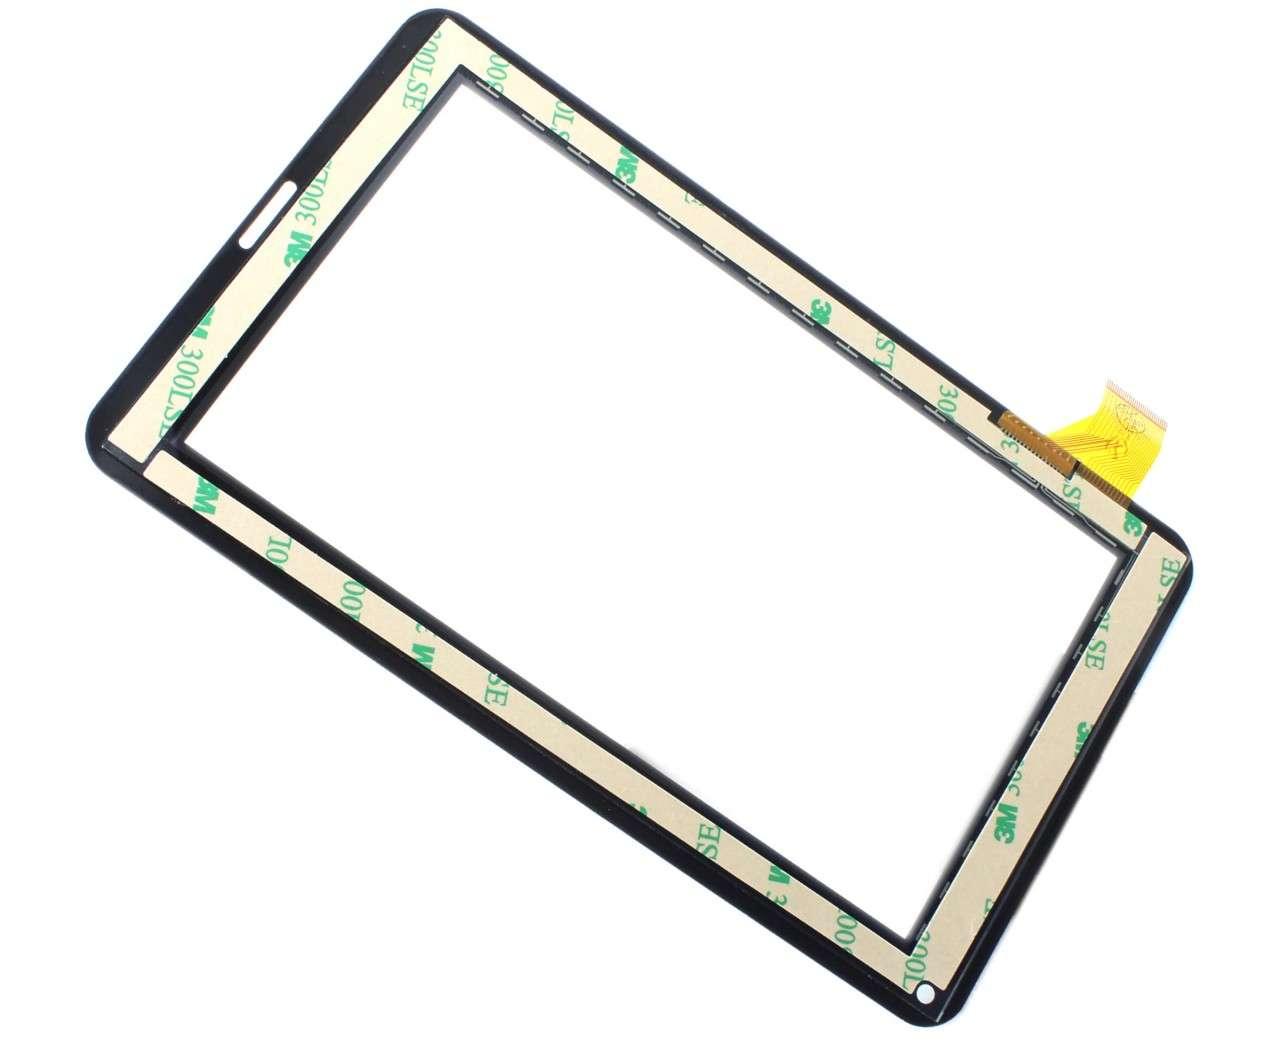 Touchscreen Digitizer Myria Power K711L Geam Sticla Tableta imagine powerlaptop.ro 2021